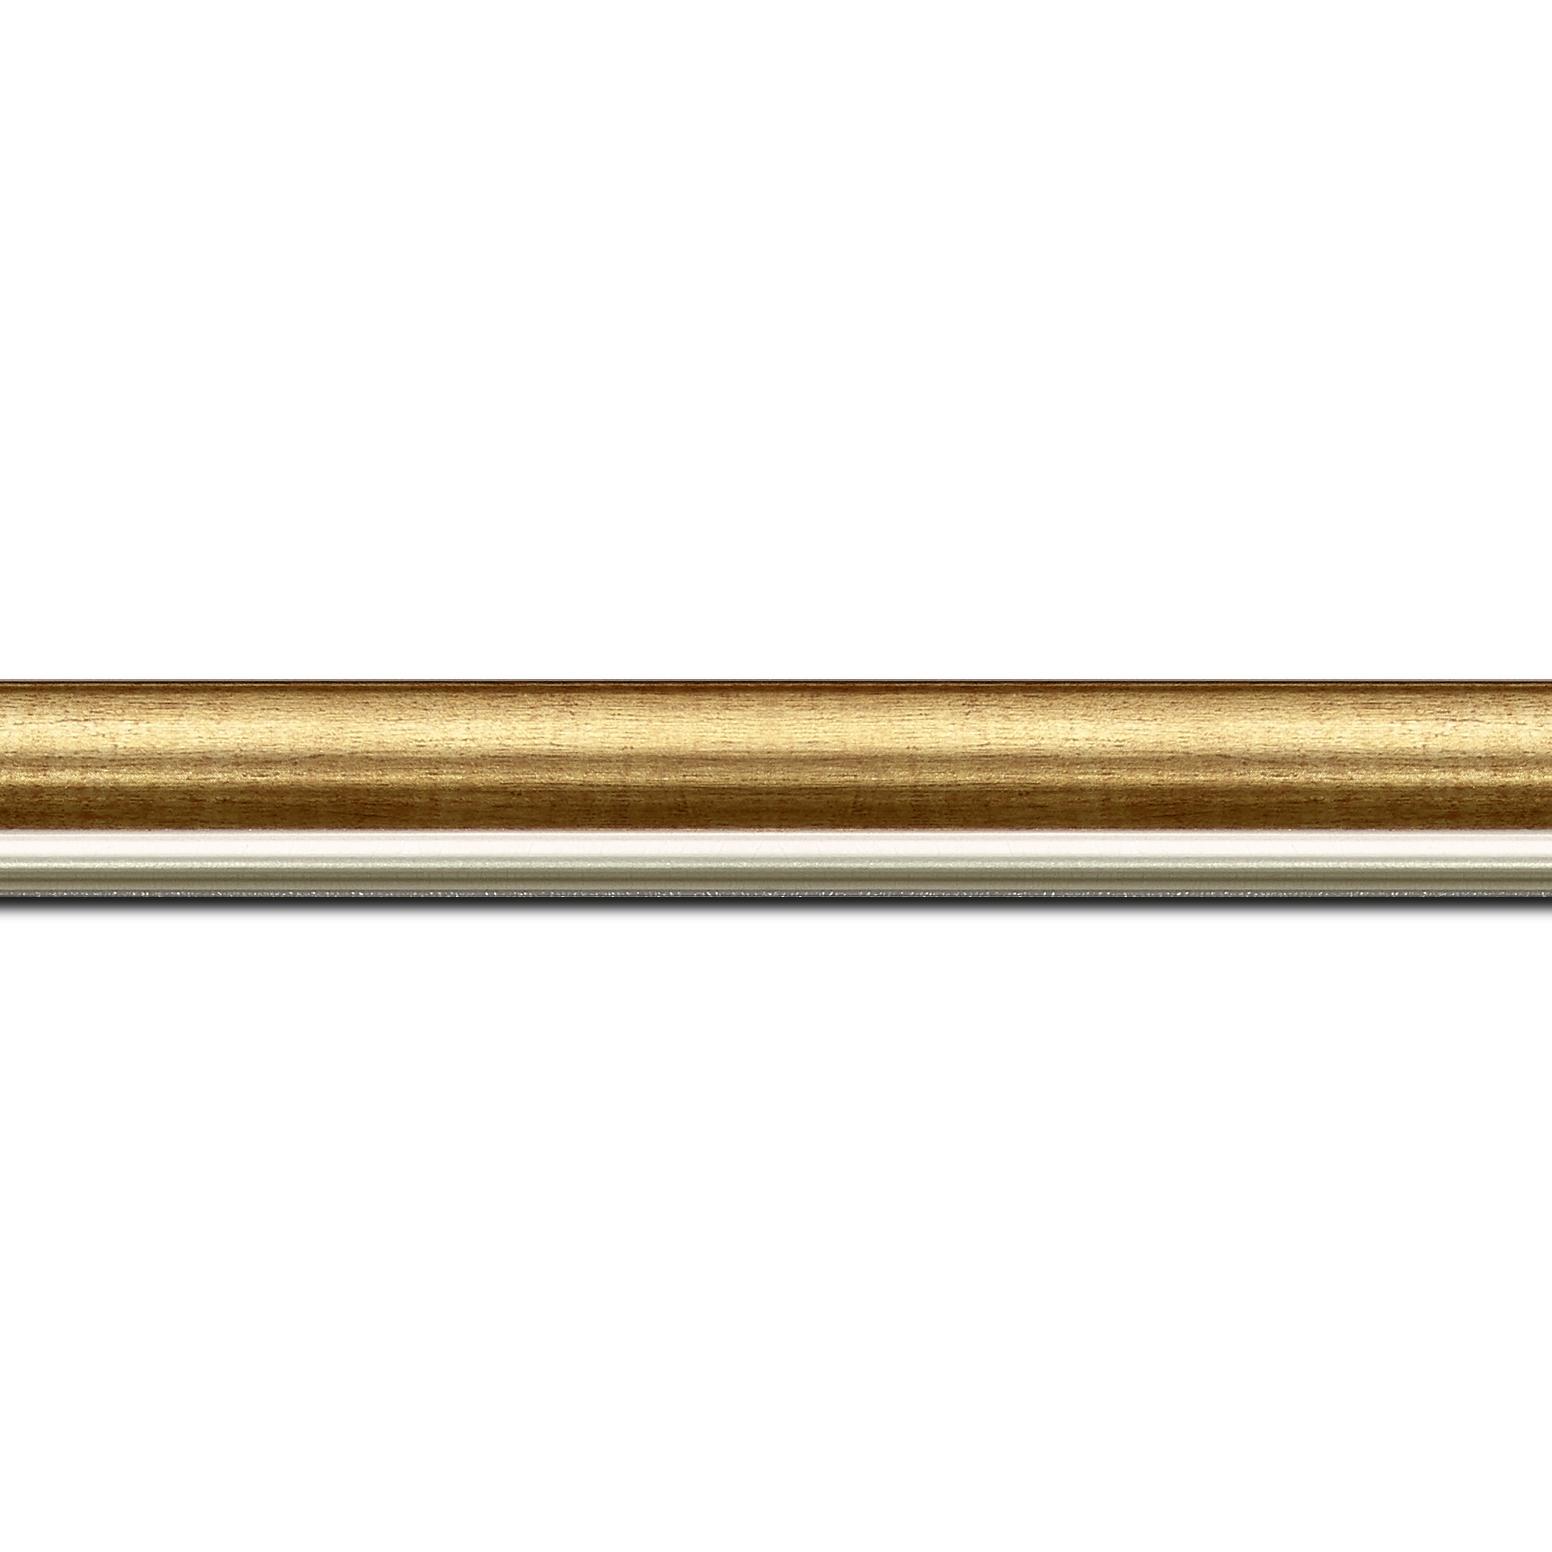 Pack par 12m, bois profil arrondi largeur 2.1cm  couleur or filet argent chaud  (longueur baguette pouvant varier entre 2.40m et 3m selon arrivage des bois)